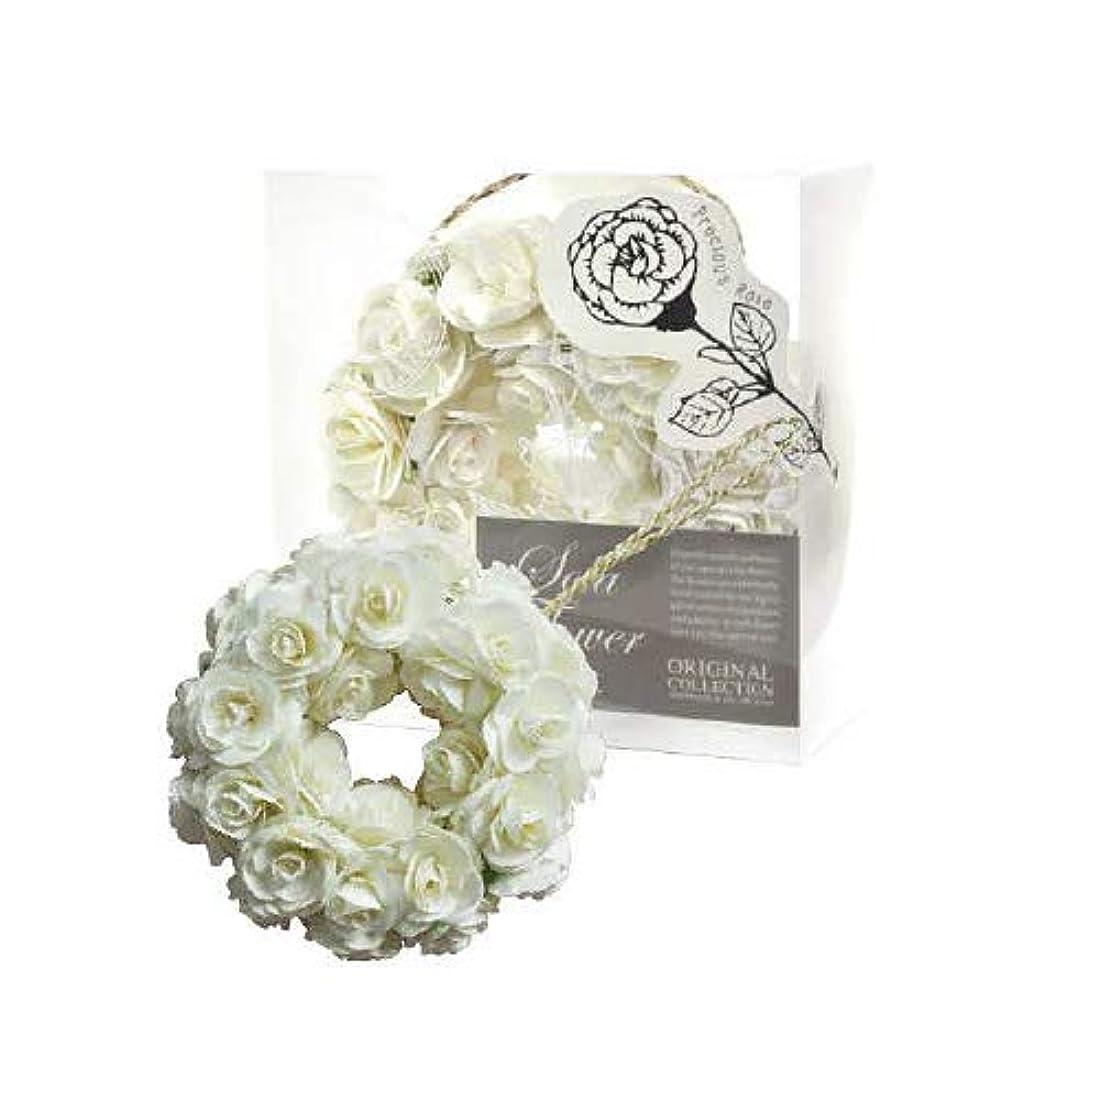 ミルコミュニティリムnew Sola Flower ソラフラワー Wreath リース Precious Rose プレシャスローズ